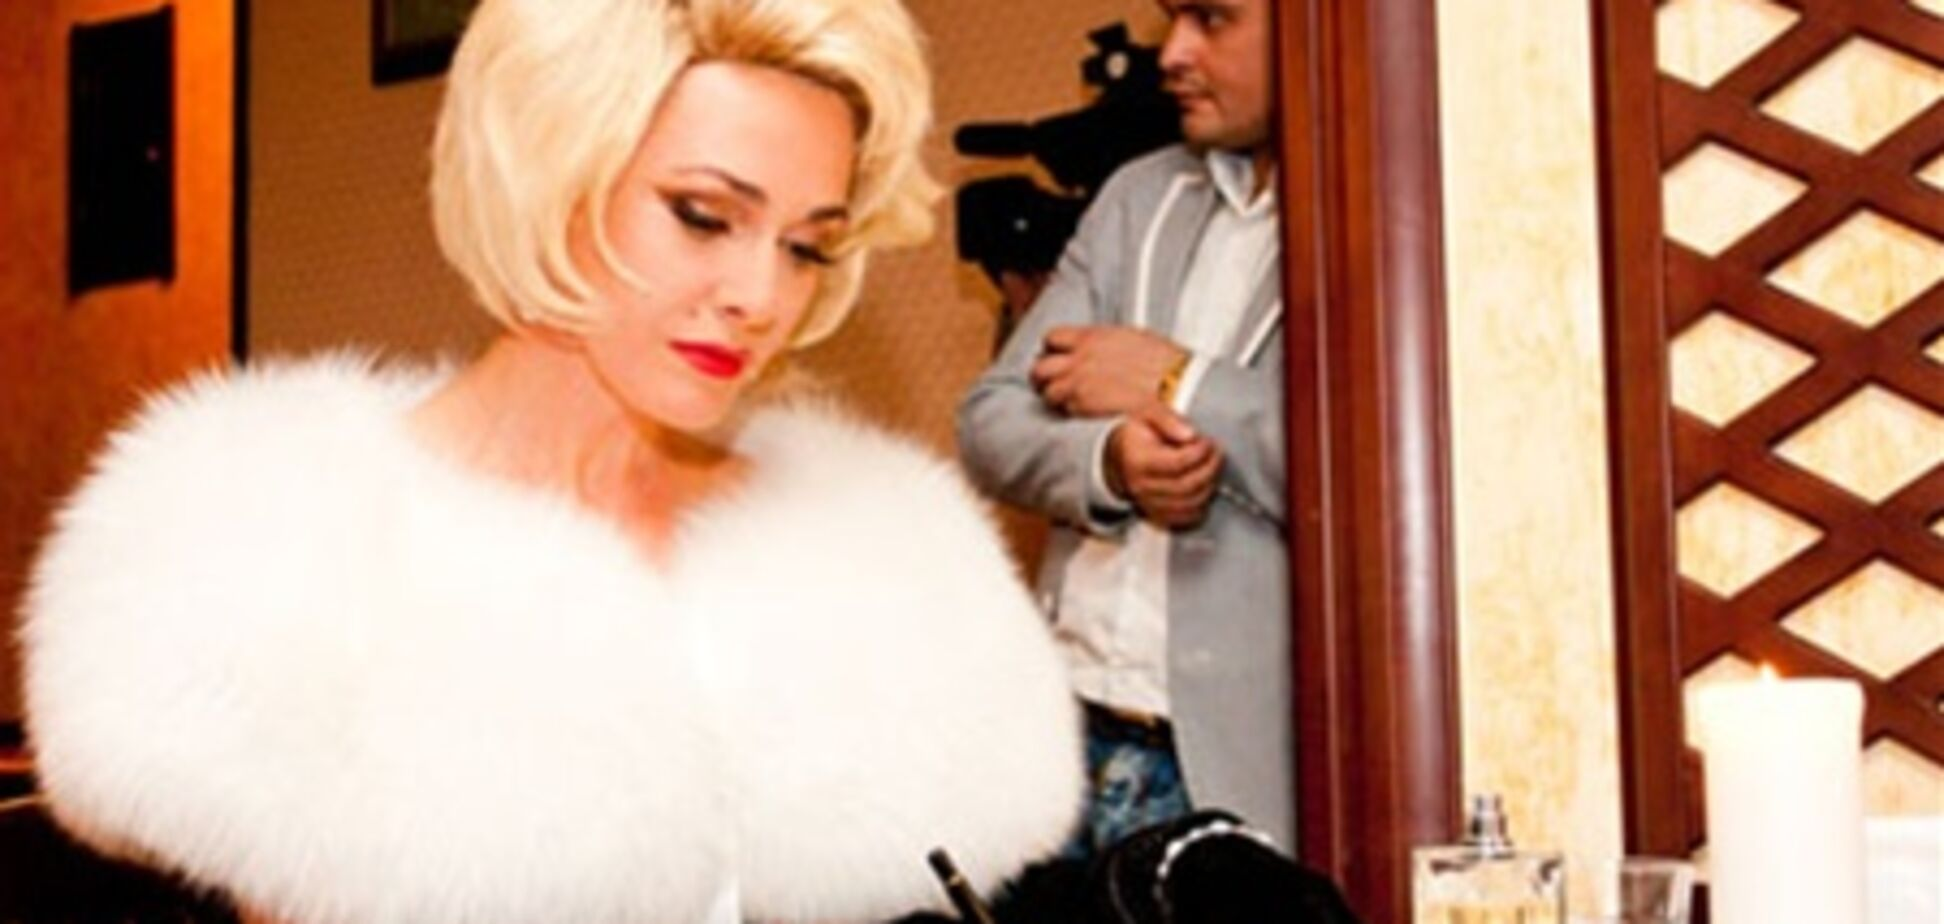 Столичні блондинки згадали Мерелін Монро